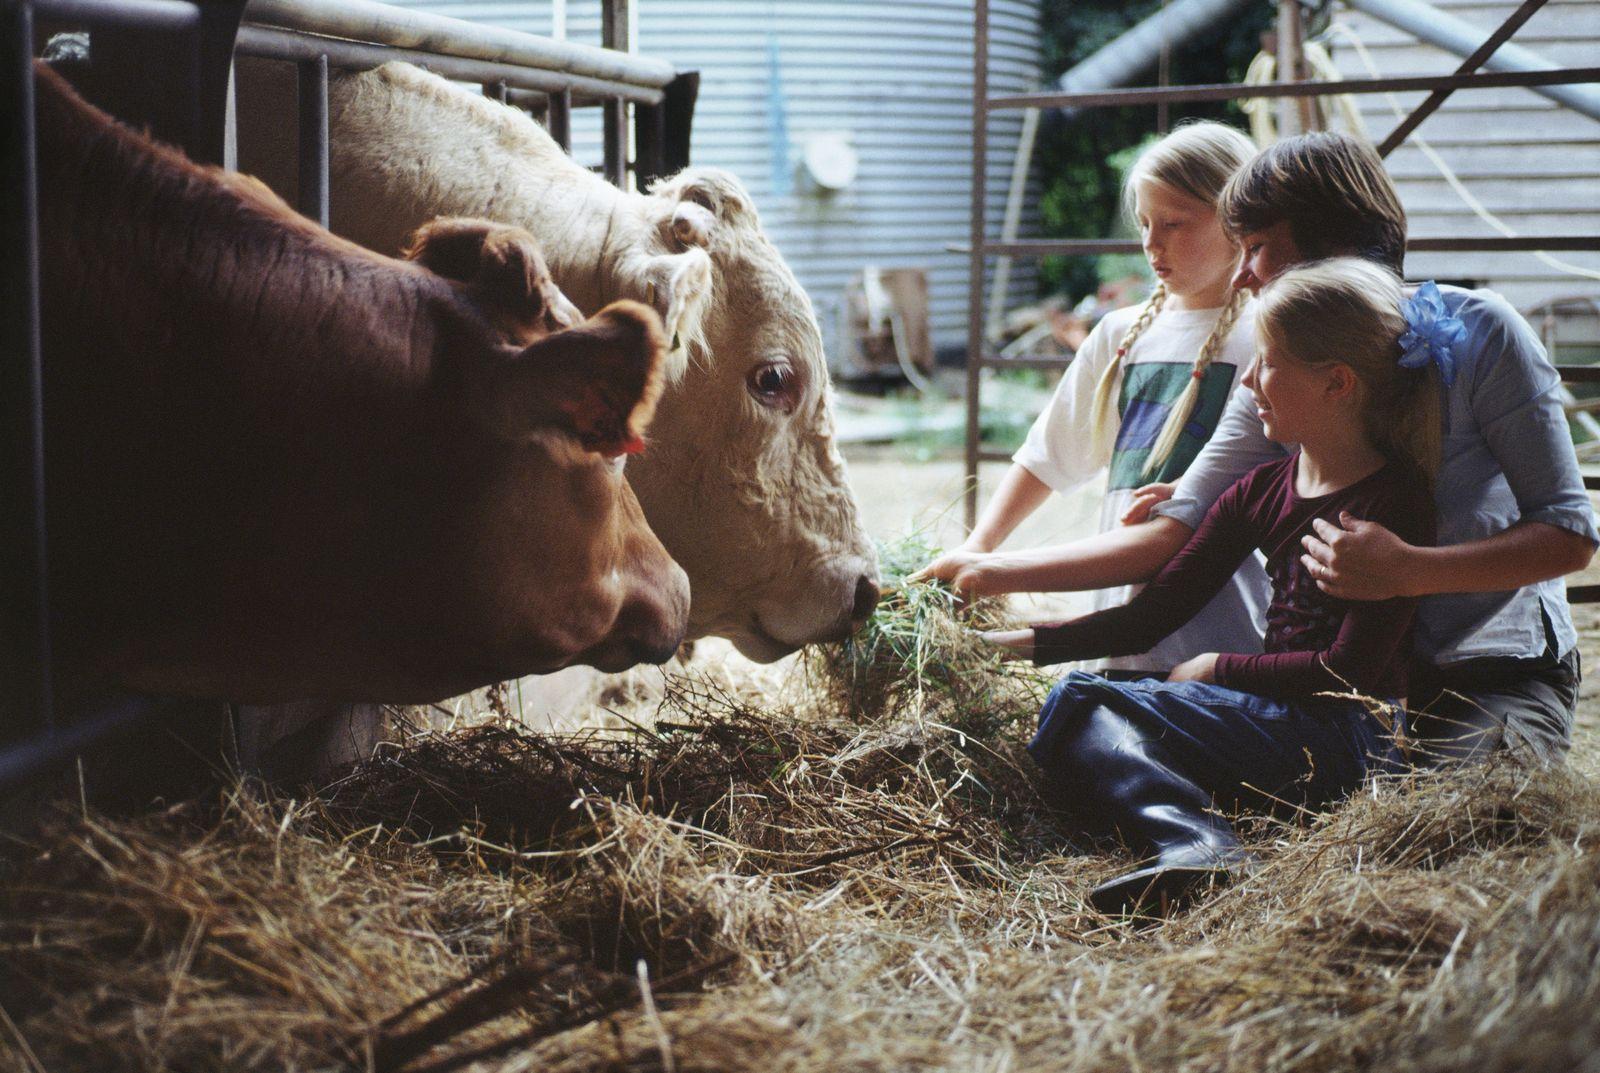 NICHT MEHR VERWENDEN! - Kinder/ Kühe/ Bauernhof